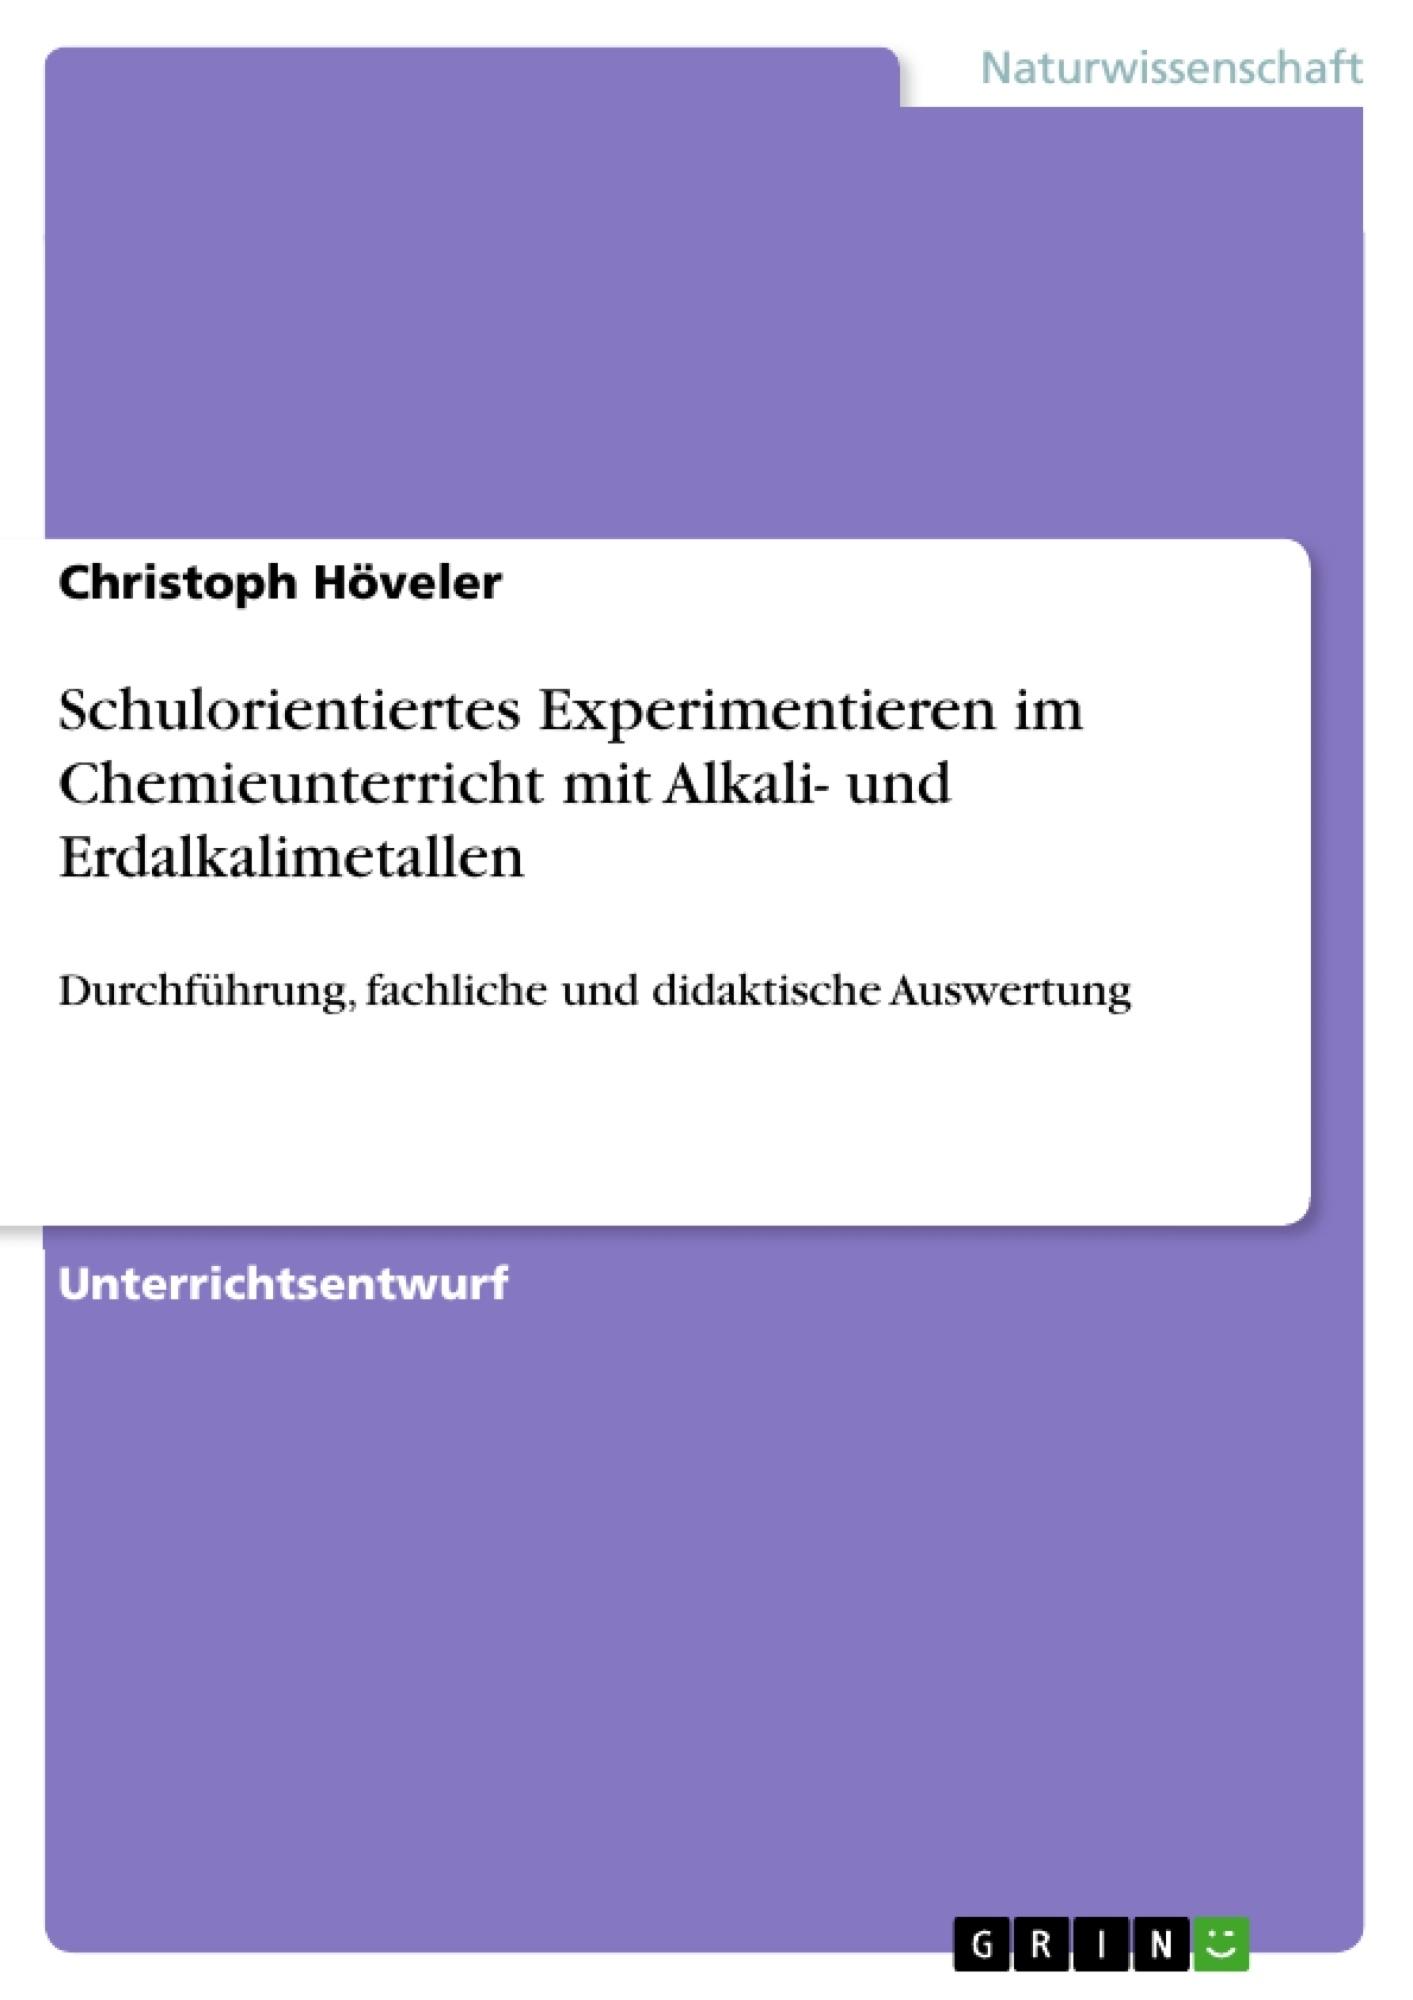 Titel: Schulorientiertes Experimentieren im Chemieunterricht mit Alkali- und Erdalkalimetallen